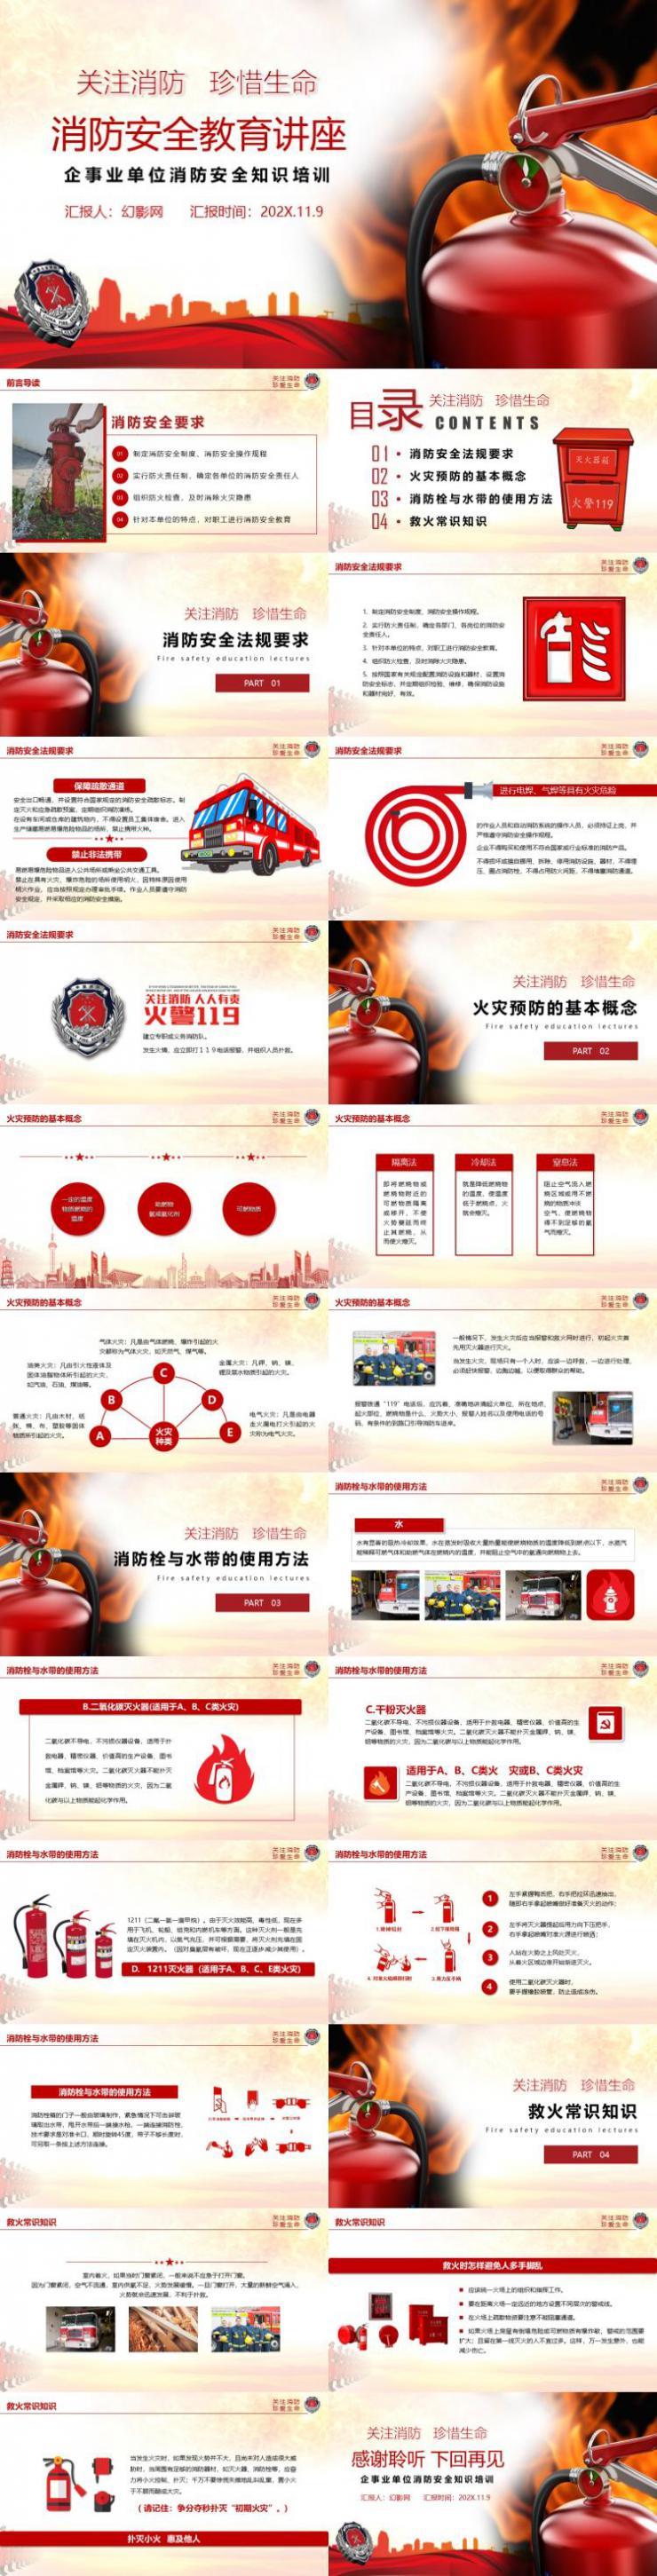 消防安全宣传PPT模板下载